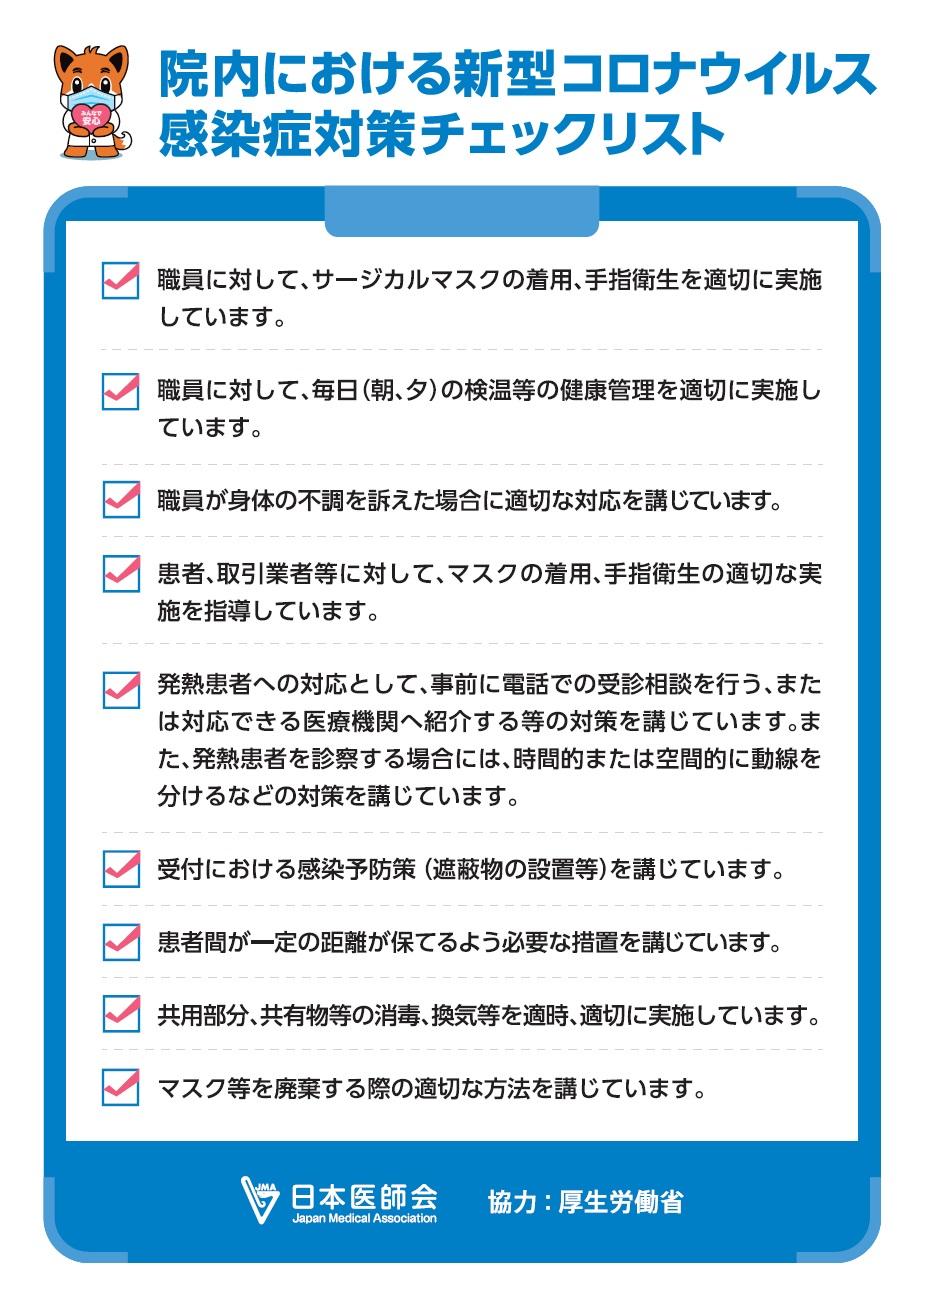 安心マーク②-1